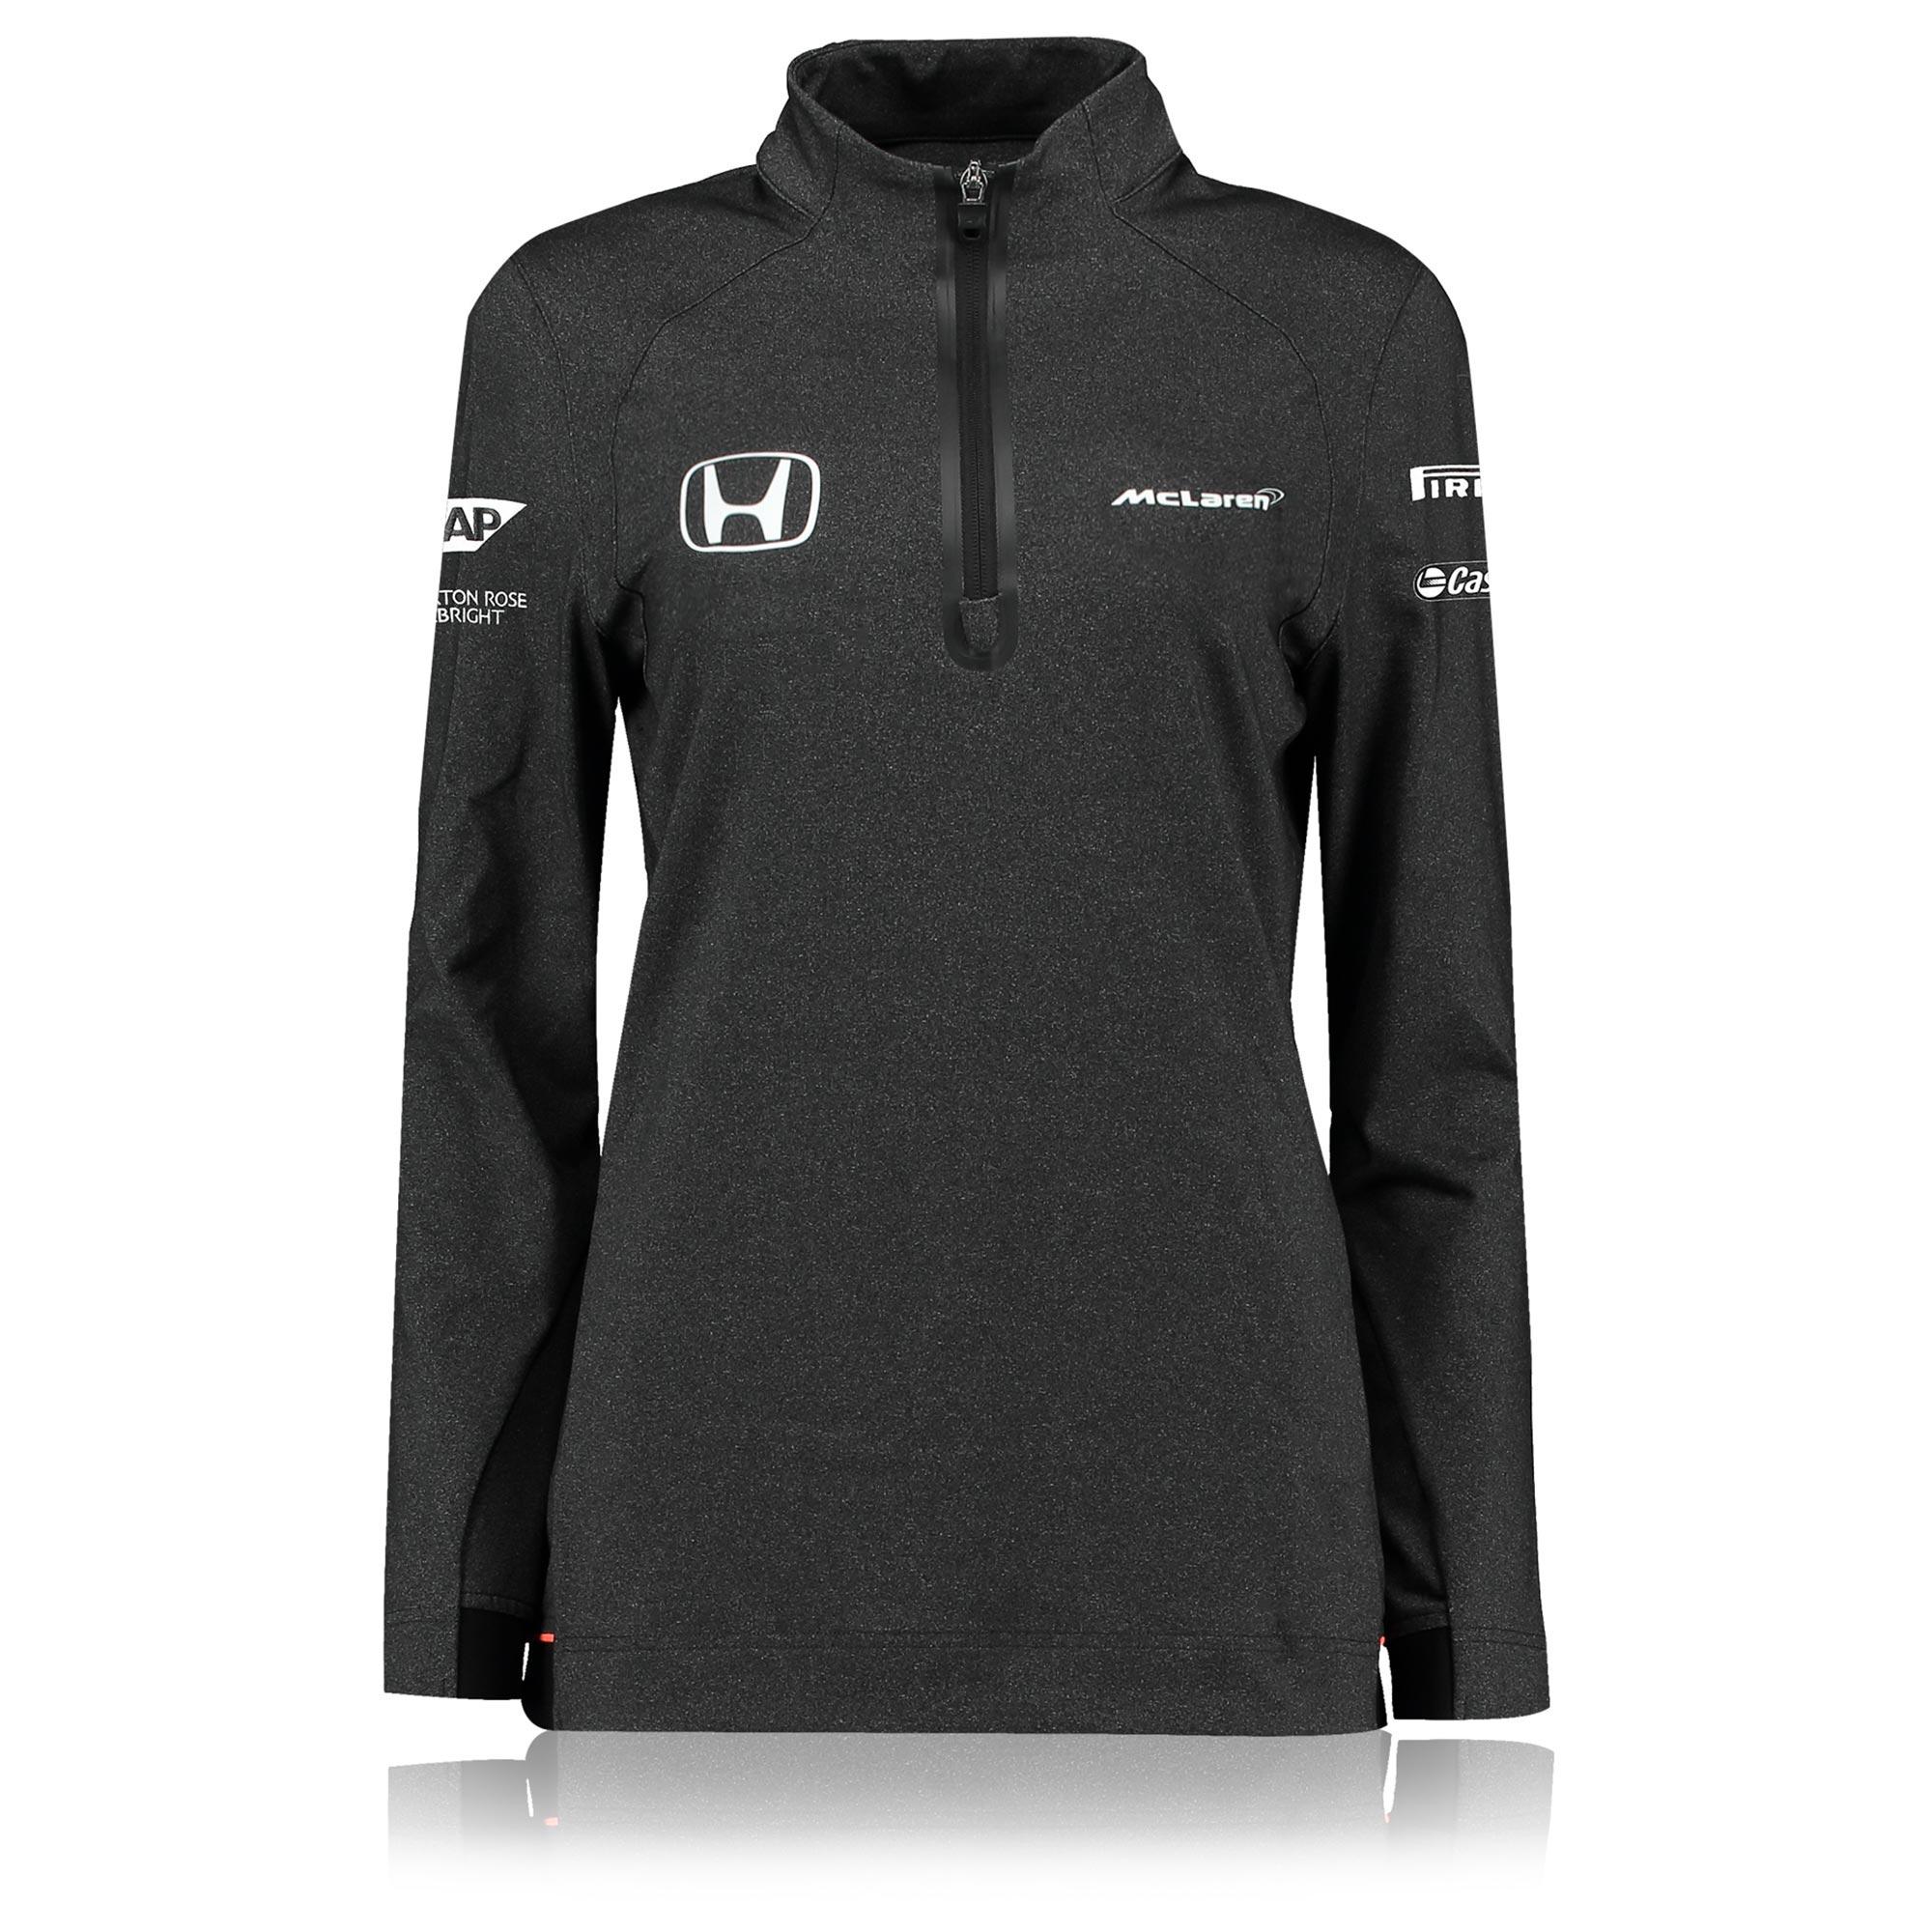 McLaren Honda Official 2017 Team 1/4 Zip Sweatshirt - Womens